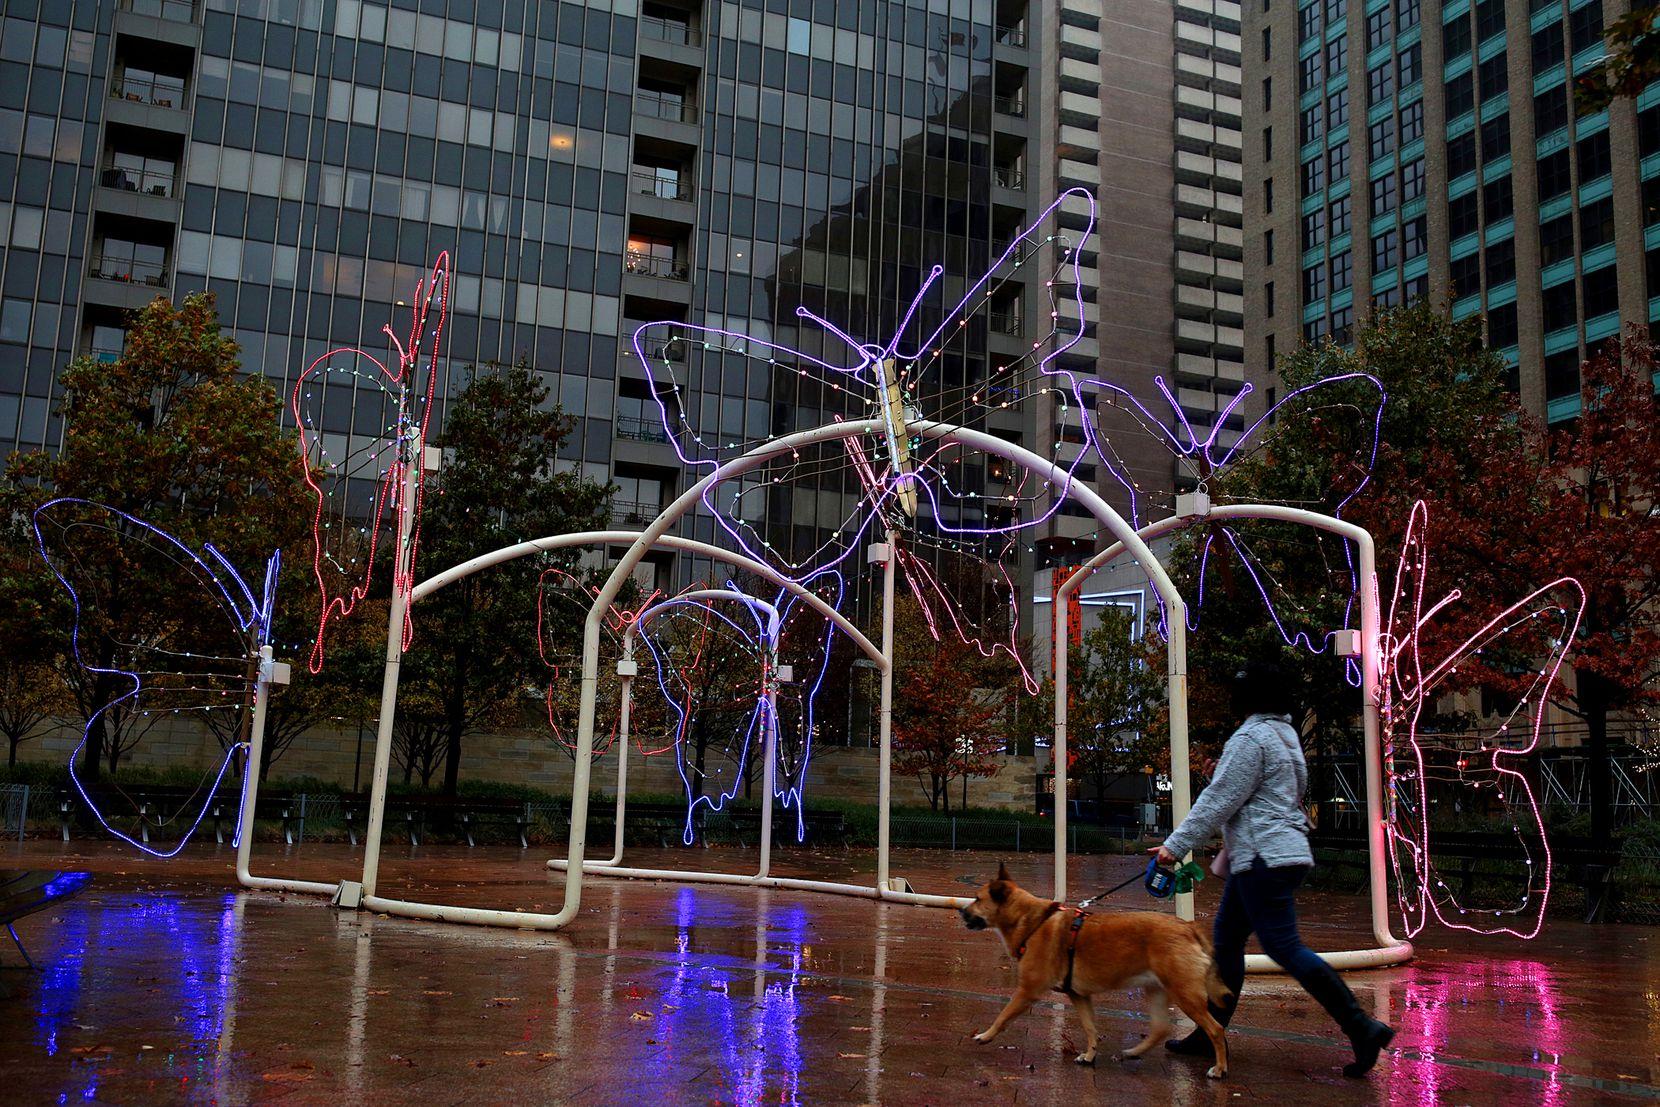 Exhibición de lucecitas en Belo Garden, en diciembre de 2020.